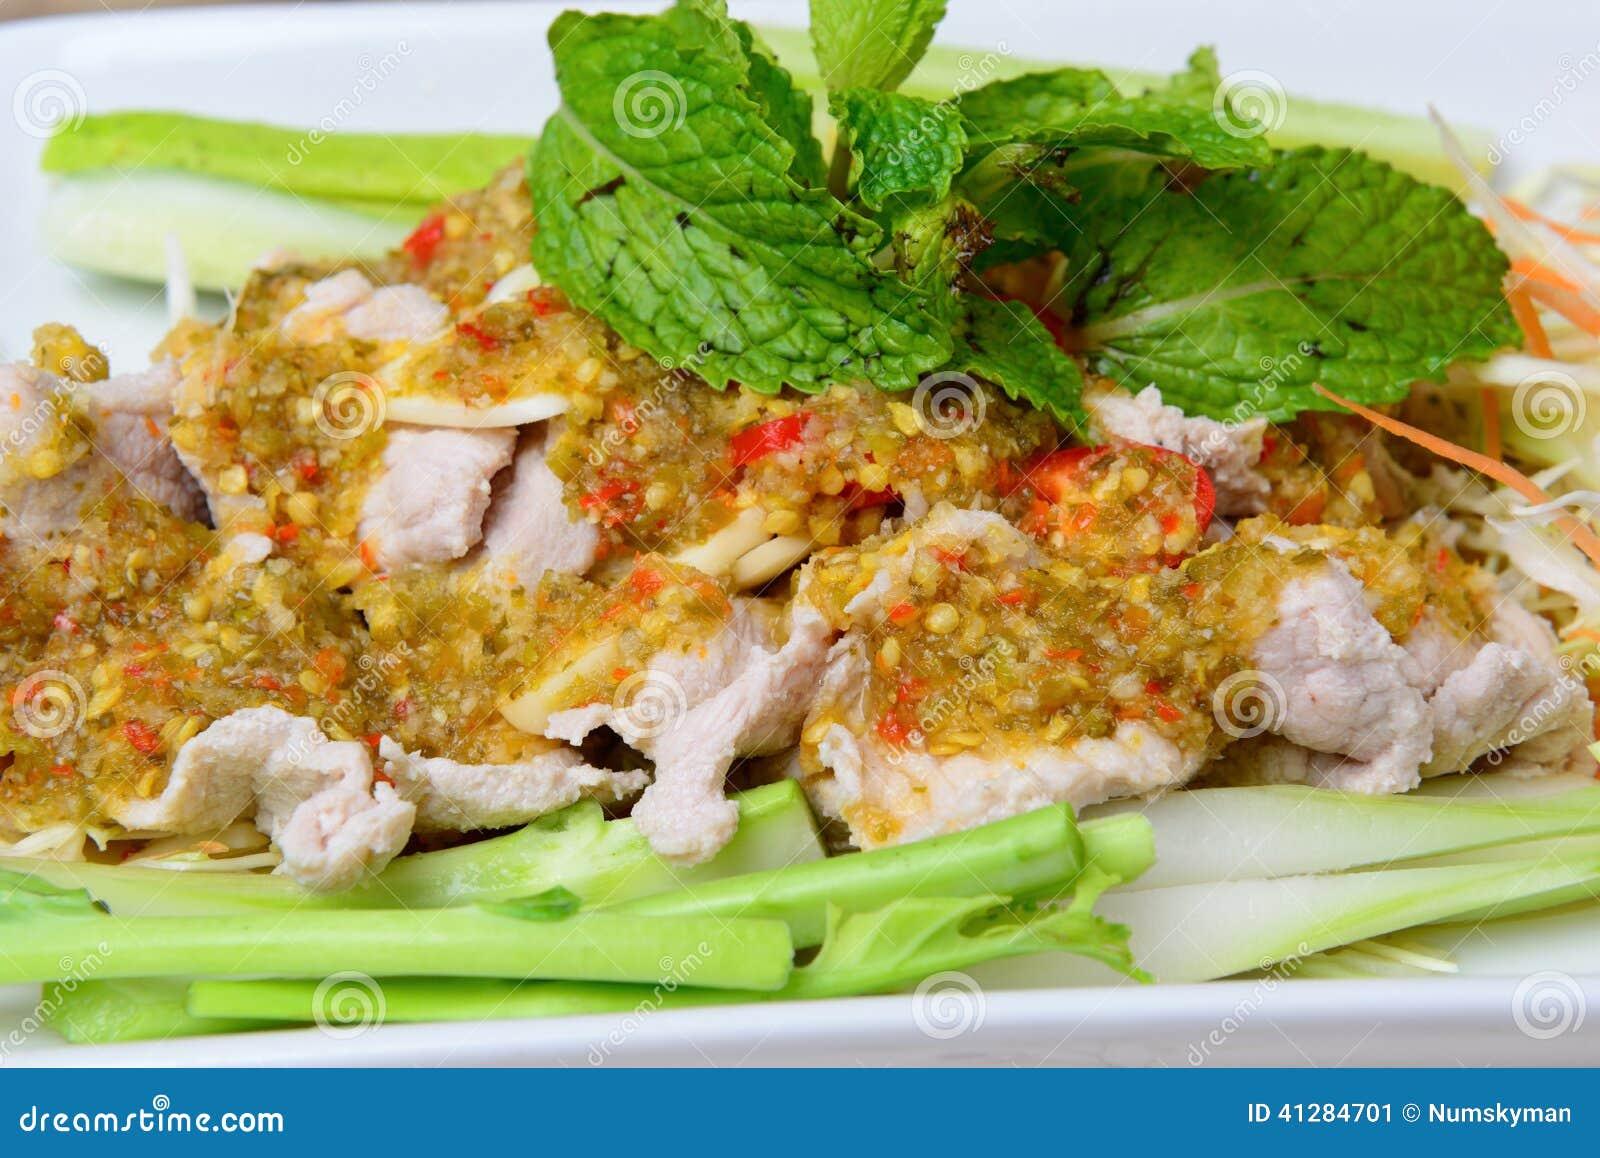 Βρασμένο χοιρινό κρέας με το σκόρδο ασβέστη και τη σάλτσα τσίλι (NAO (Εθνικός Οργανισμός Διαιτησίας) μουγκρητού μΑ)